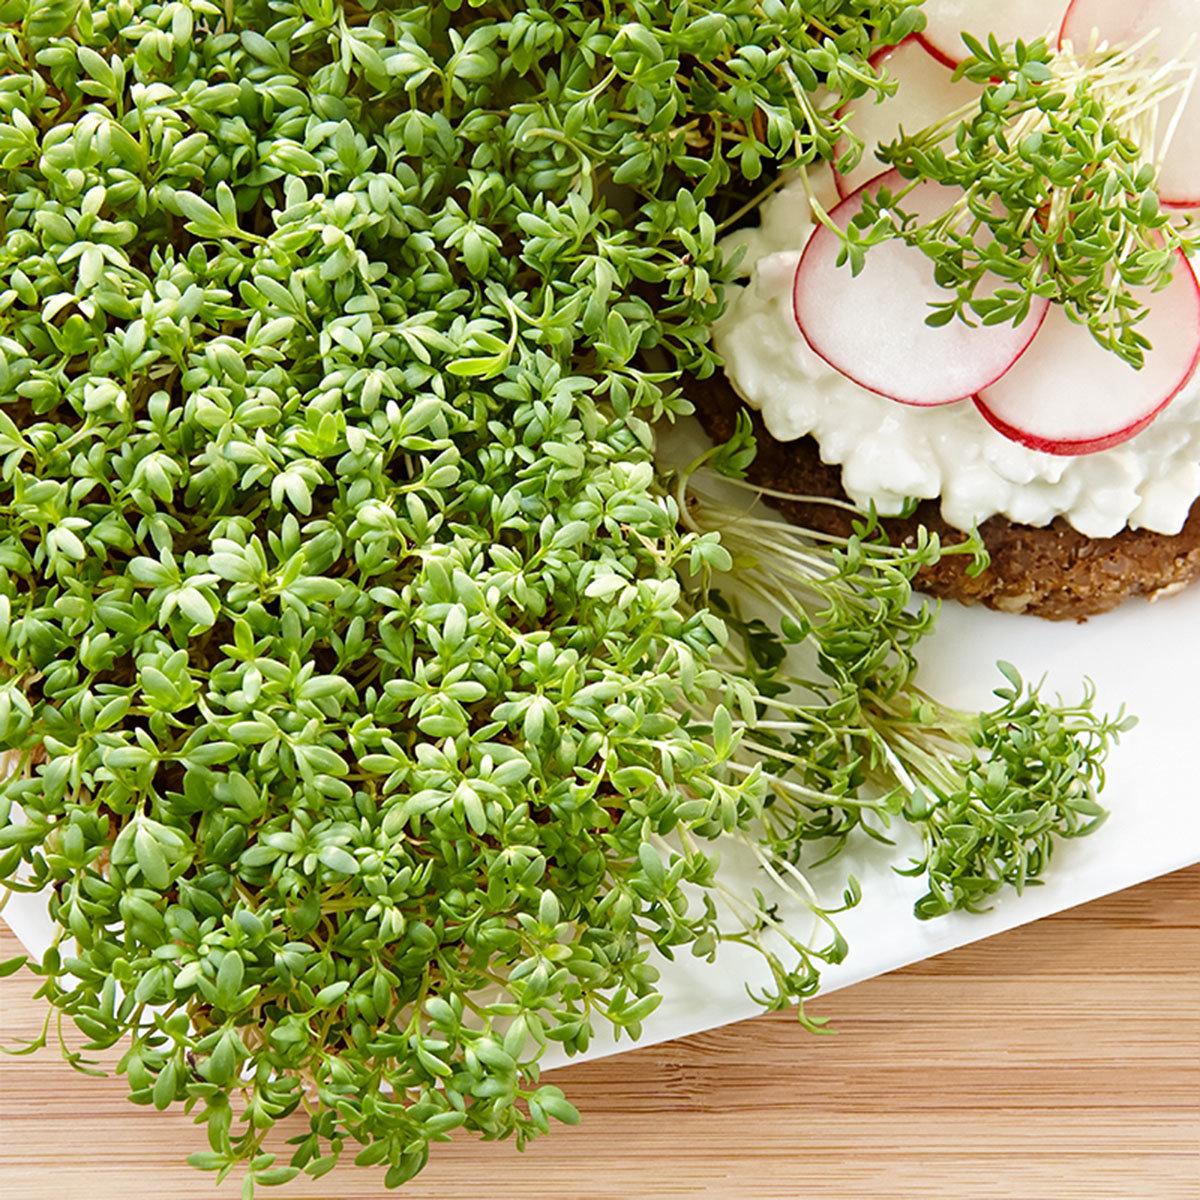 BIO Grünsprossen Kresse, 50 g